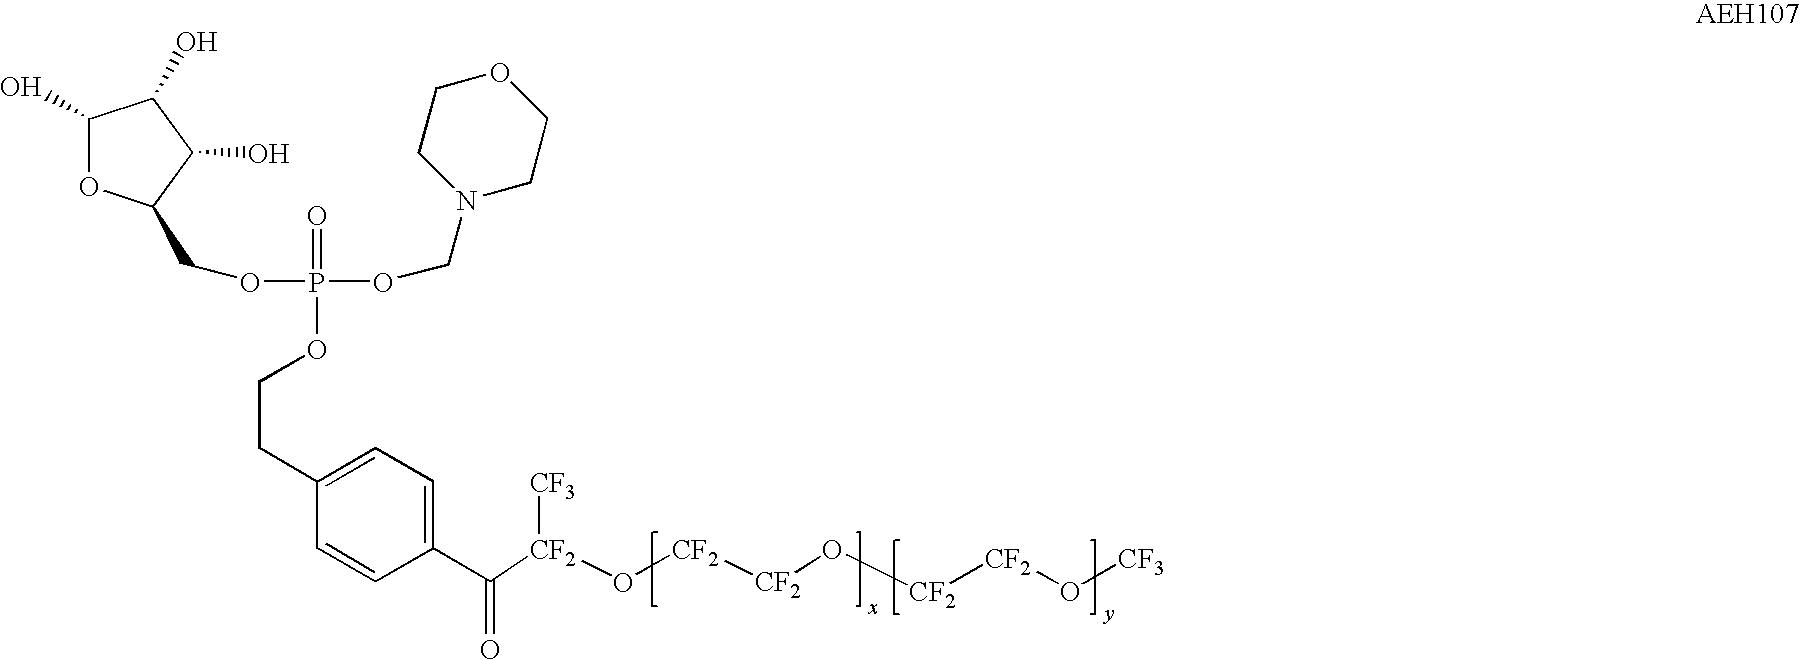 Figure US09012390-20150421-C00005